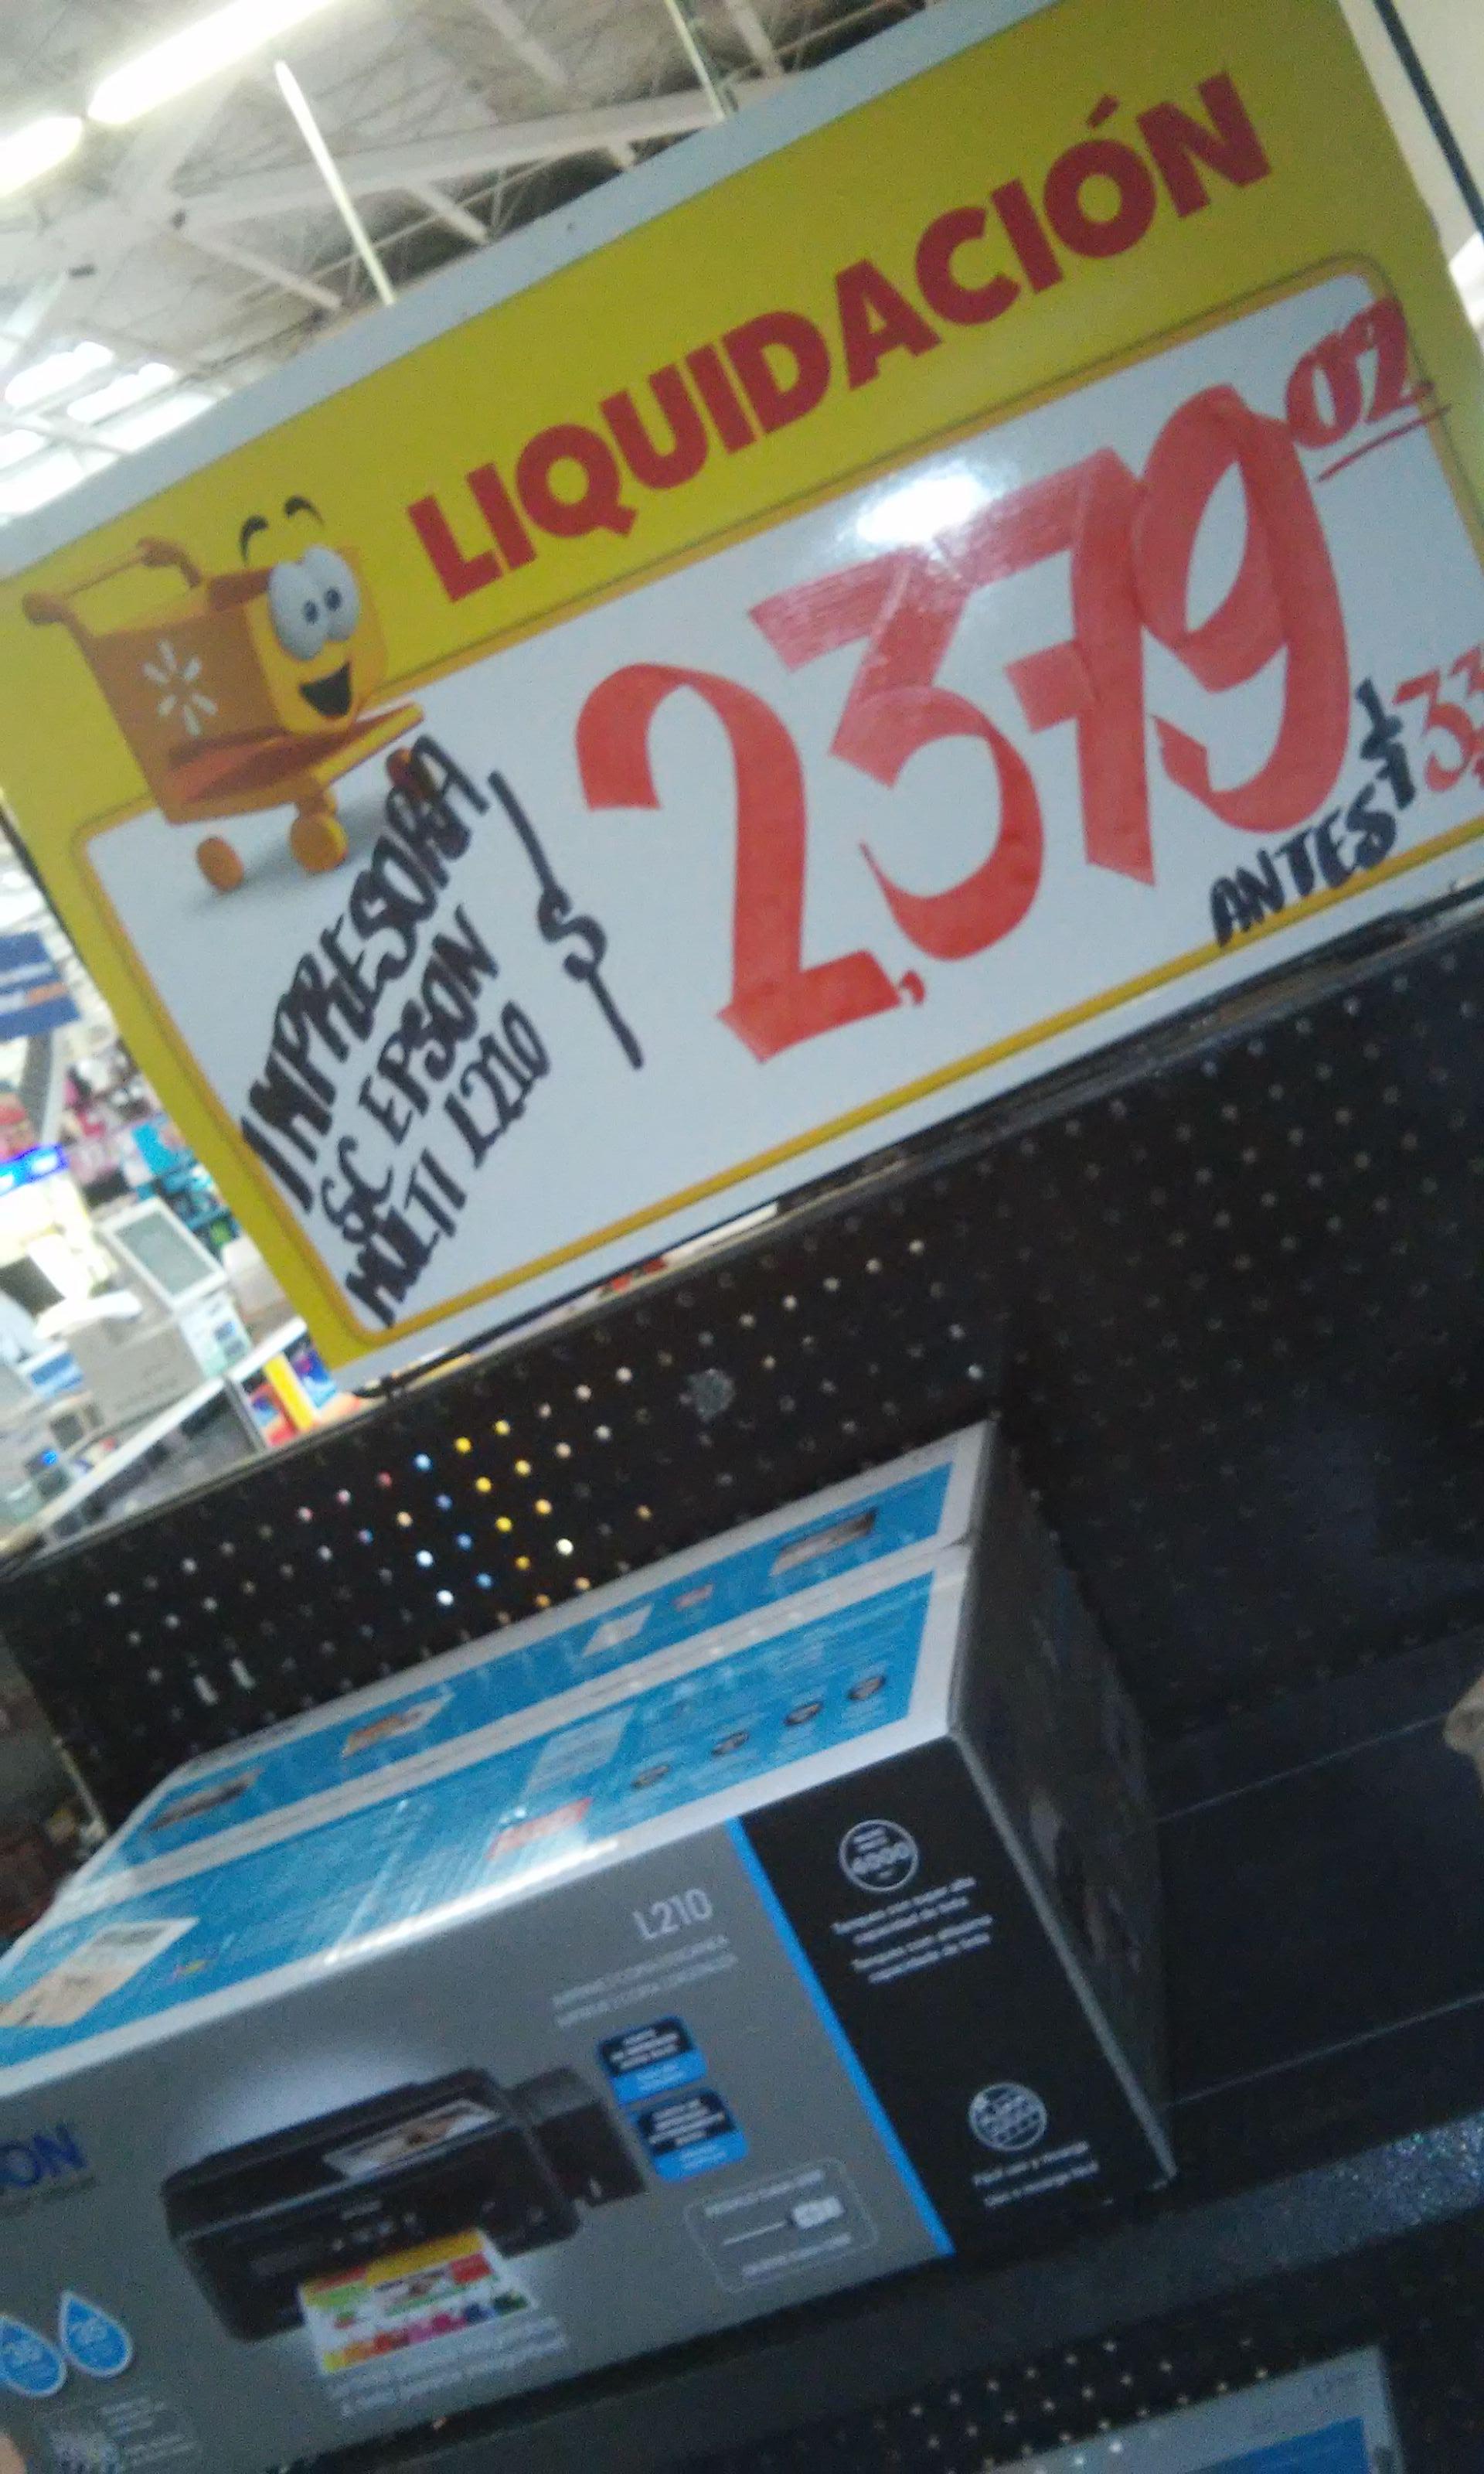 Walmart la huerta Morelia: Multifuncional Epson L210 con tanque de tinta $2379.02